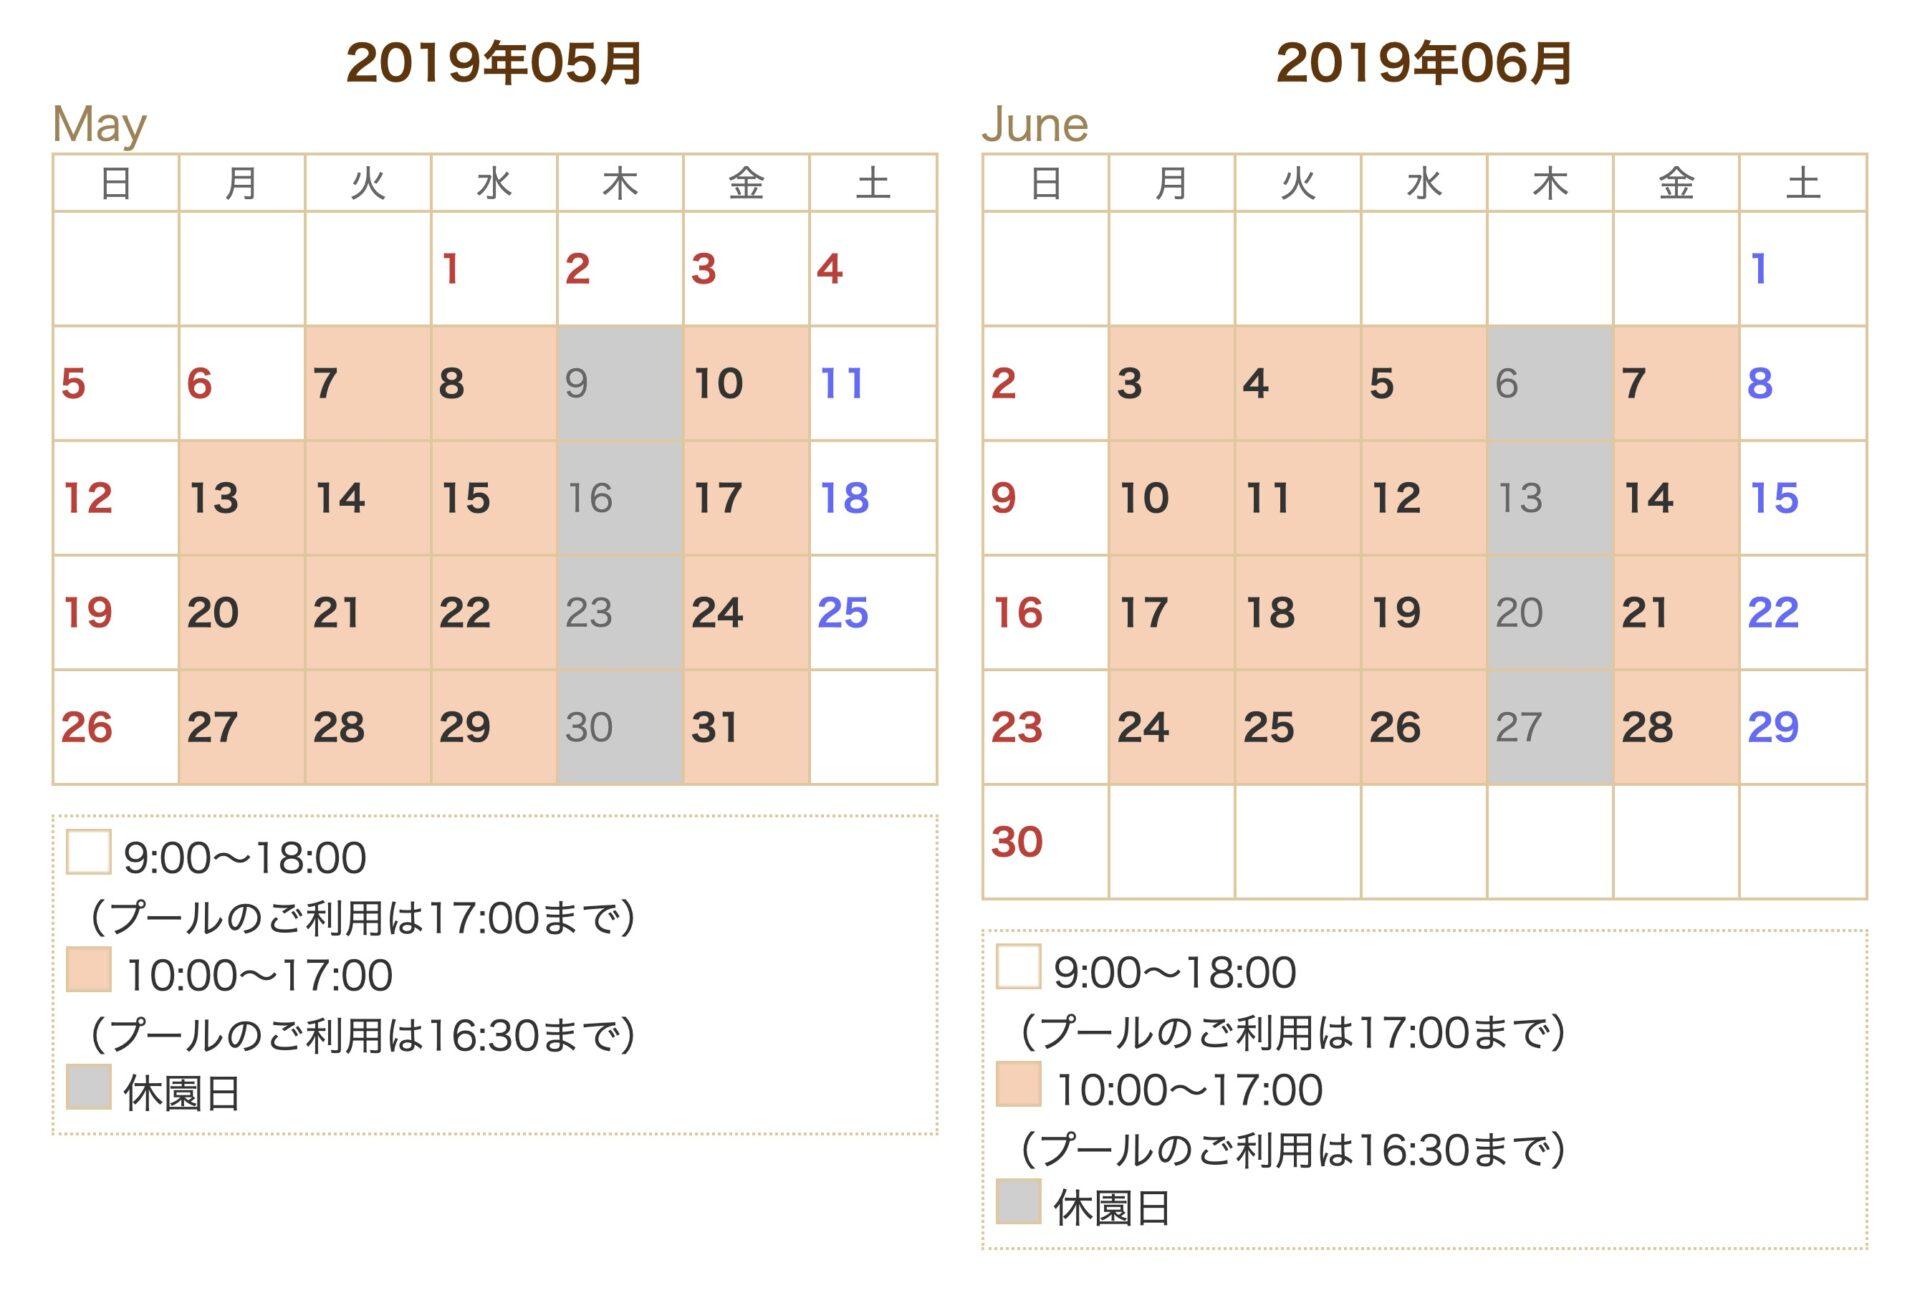 東京サマーランド5月6月